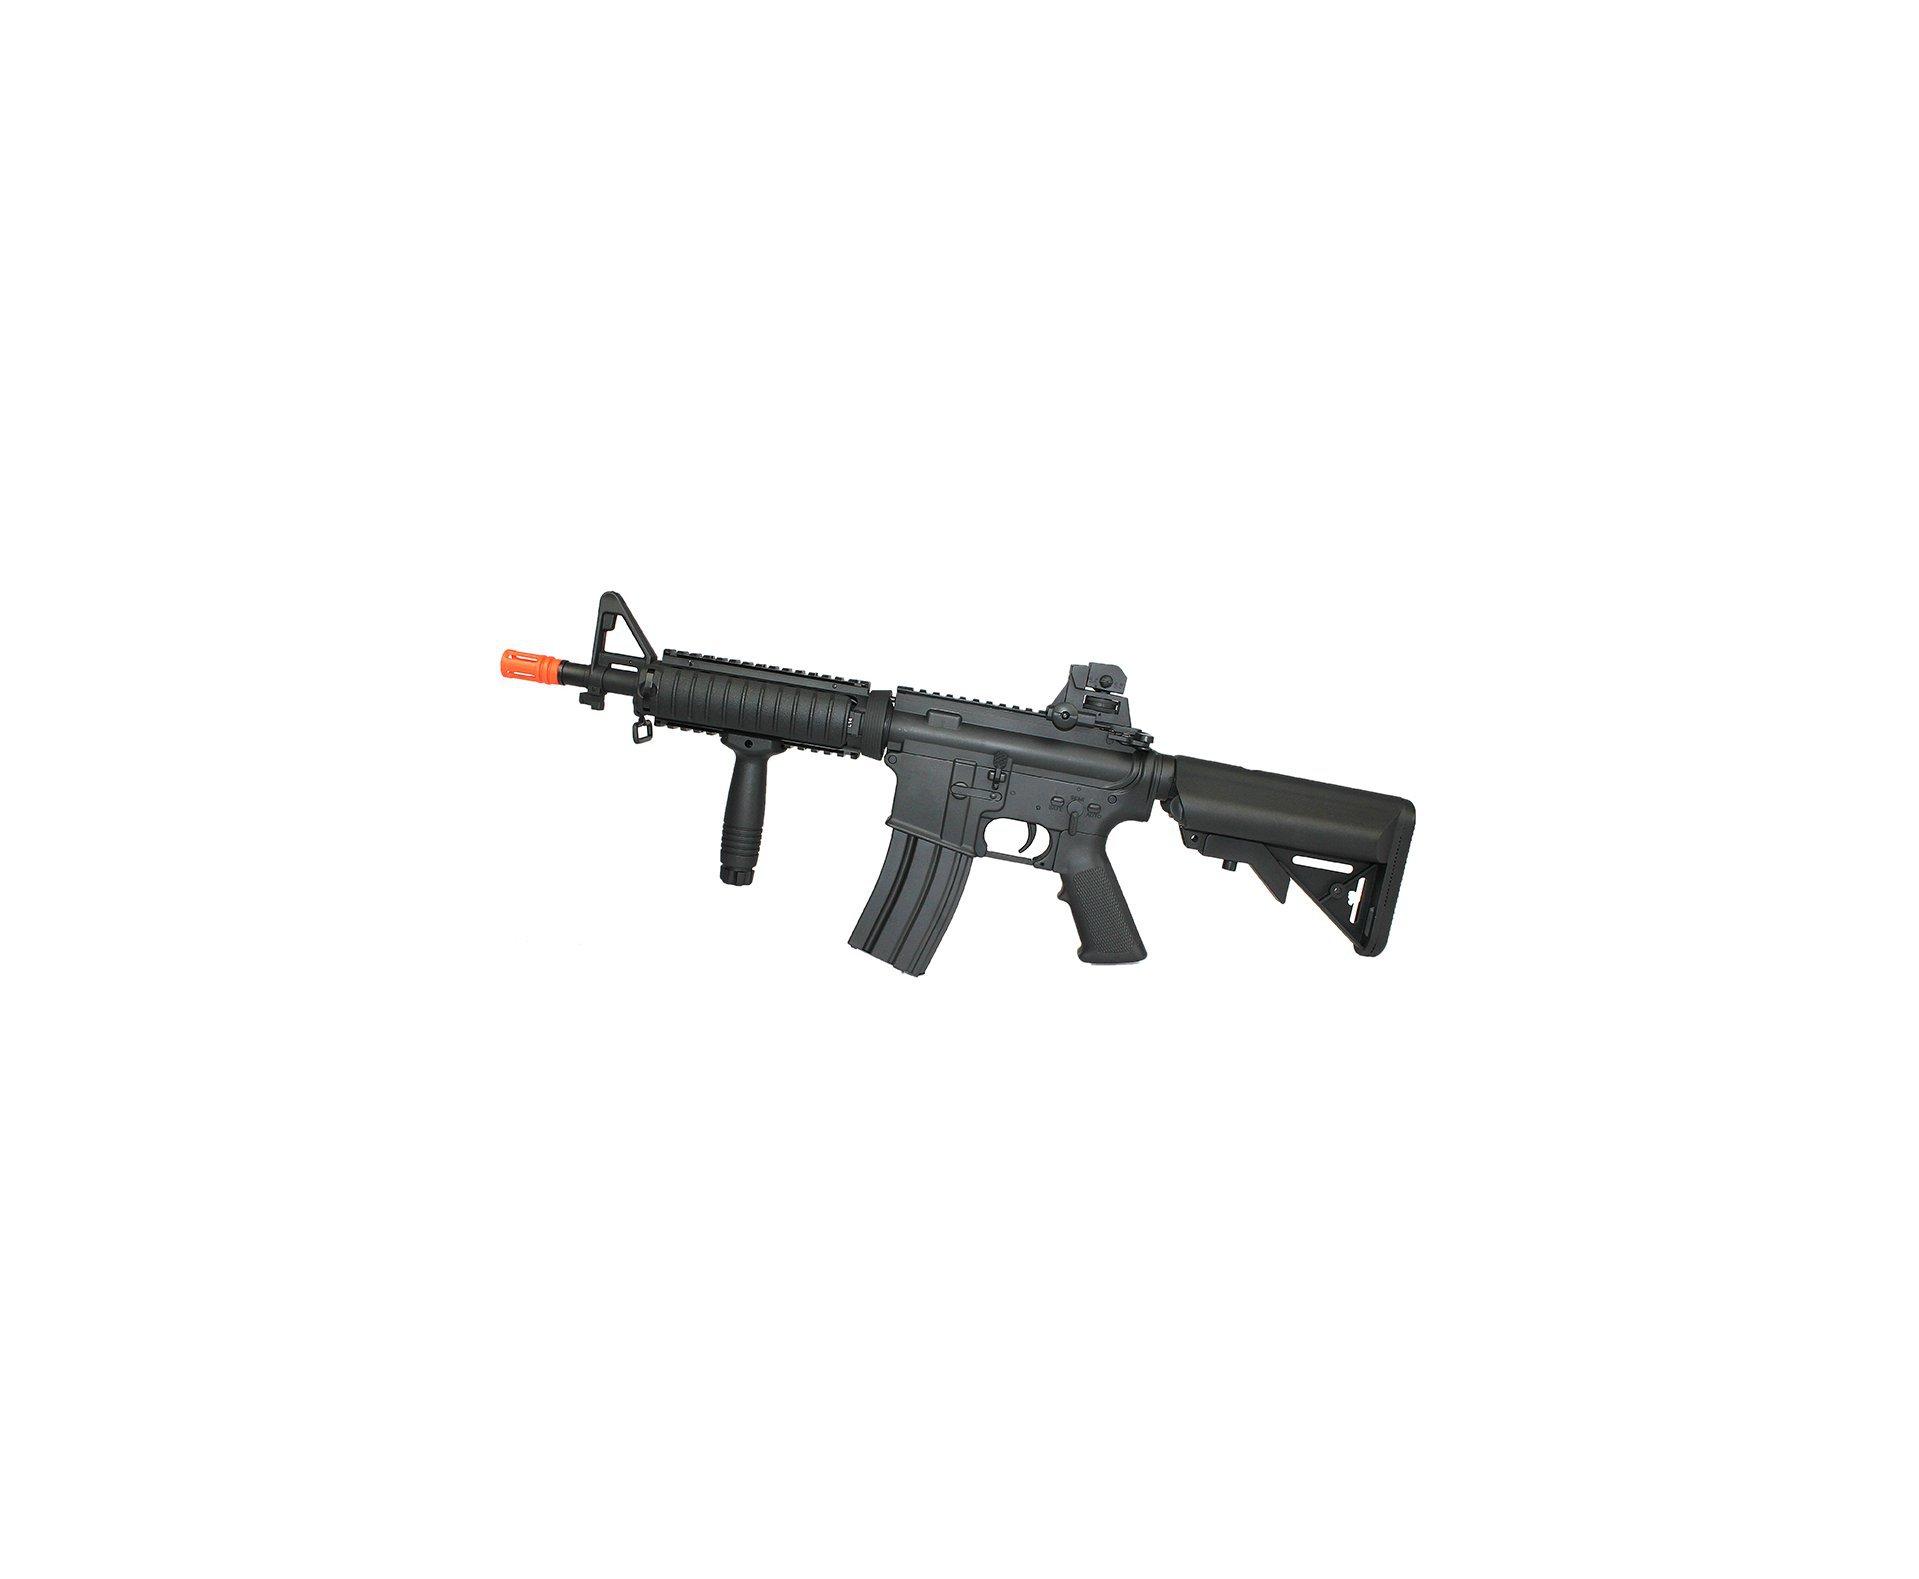 Rifle De Airsoft M4 Ris Full Metal - Cal 6.0mm - Ares